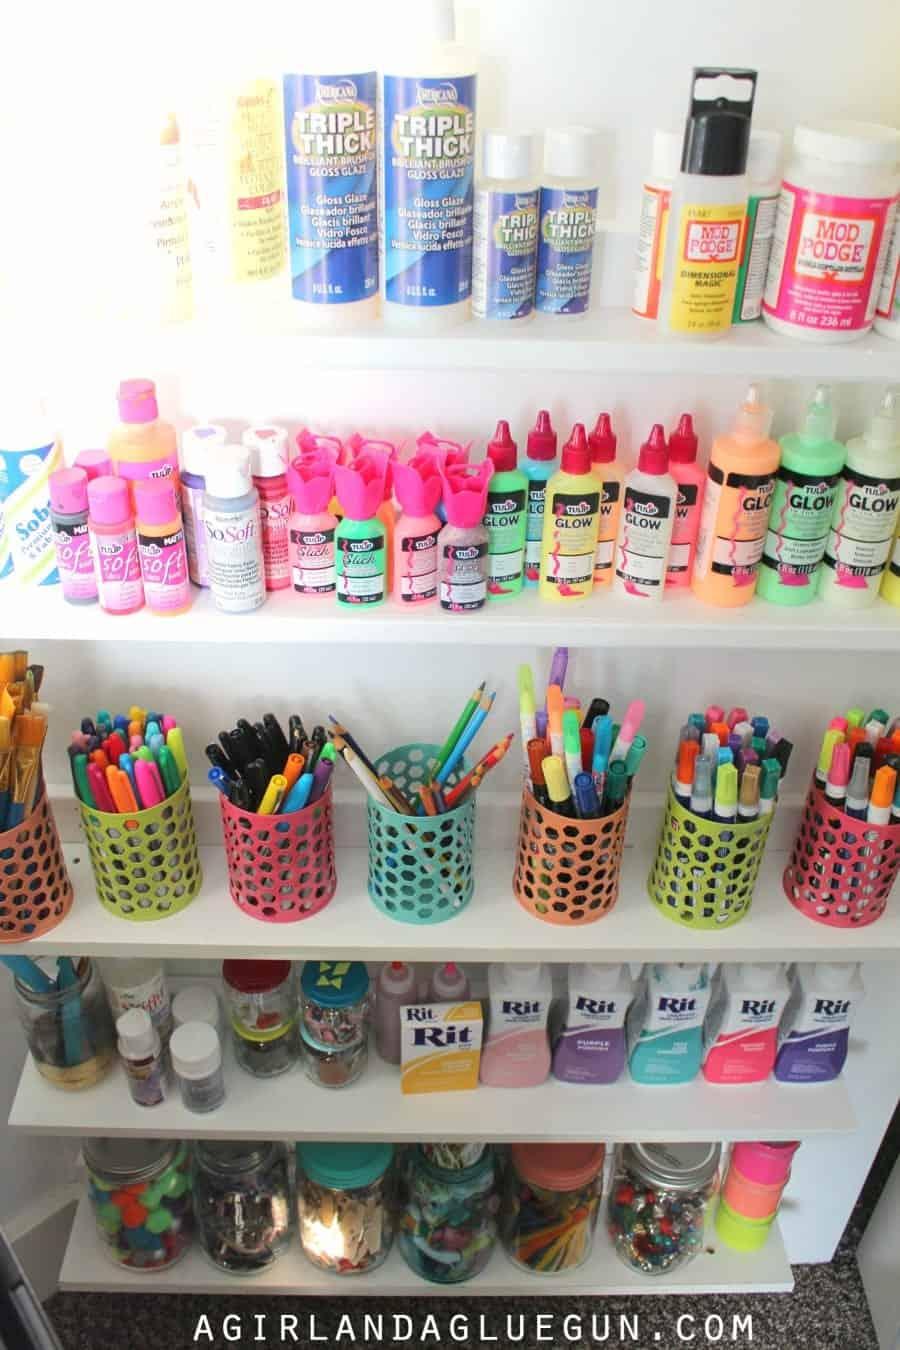 supply shelves